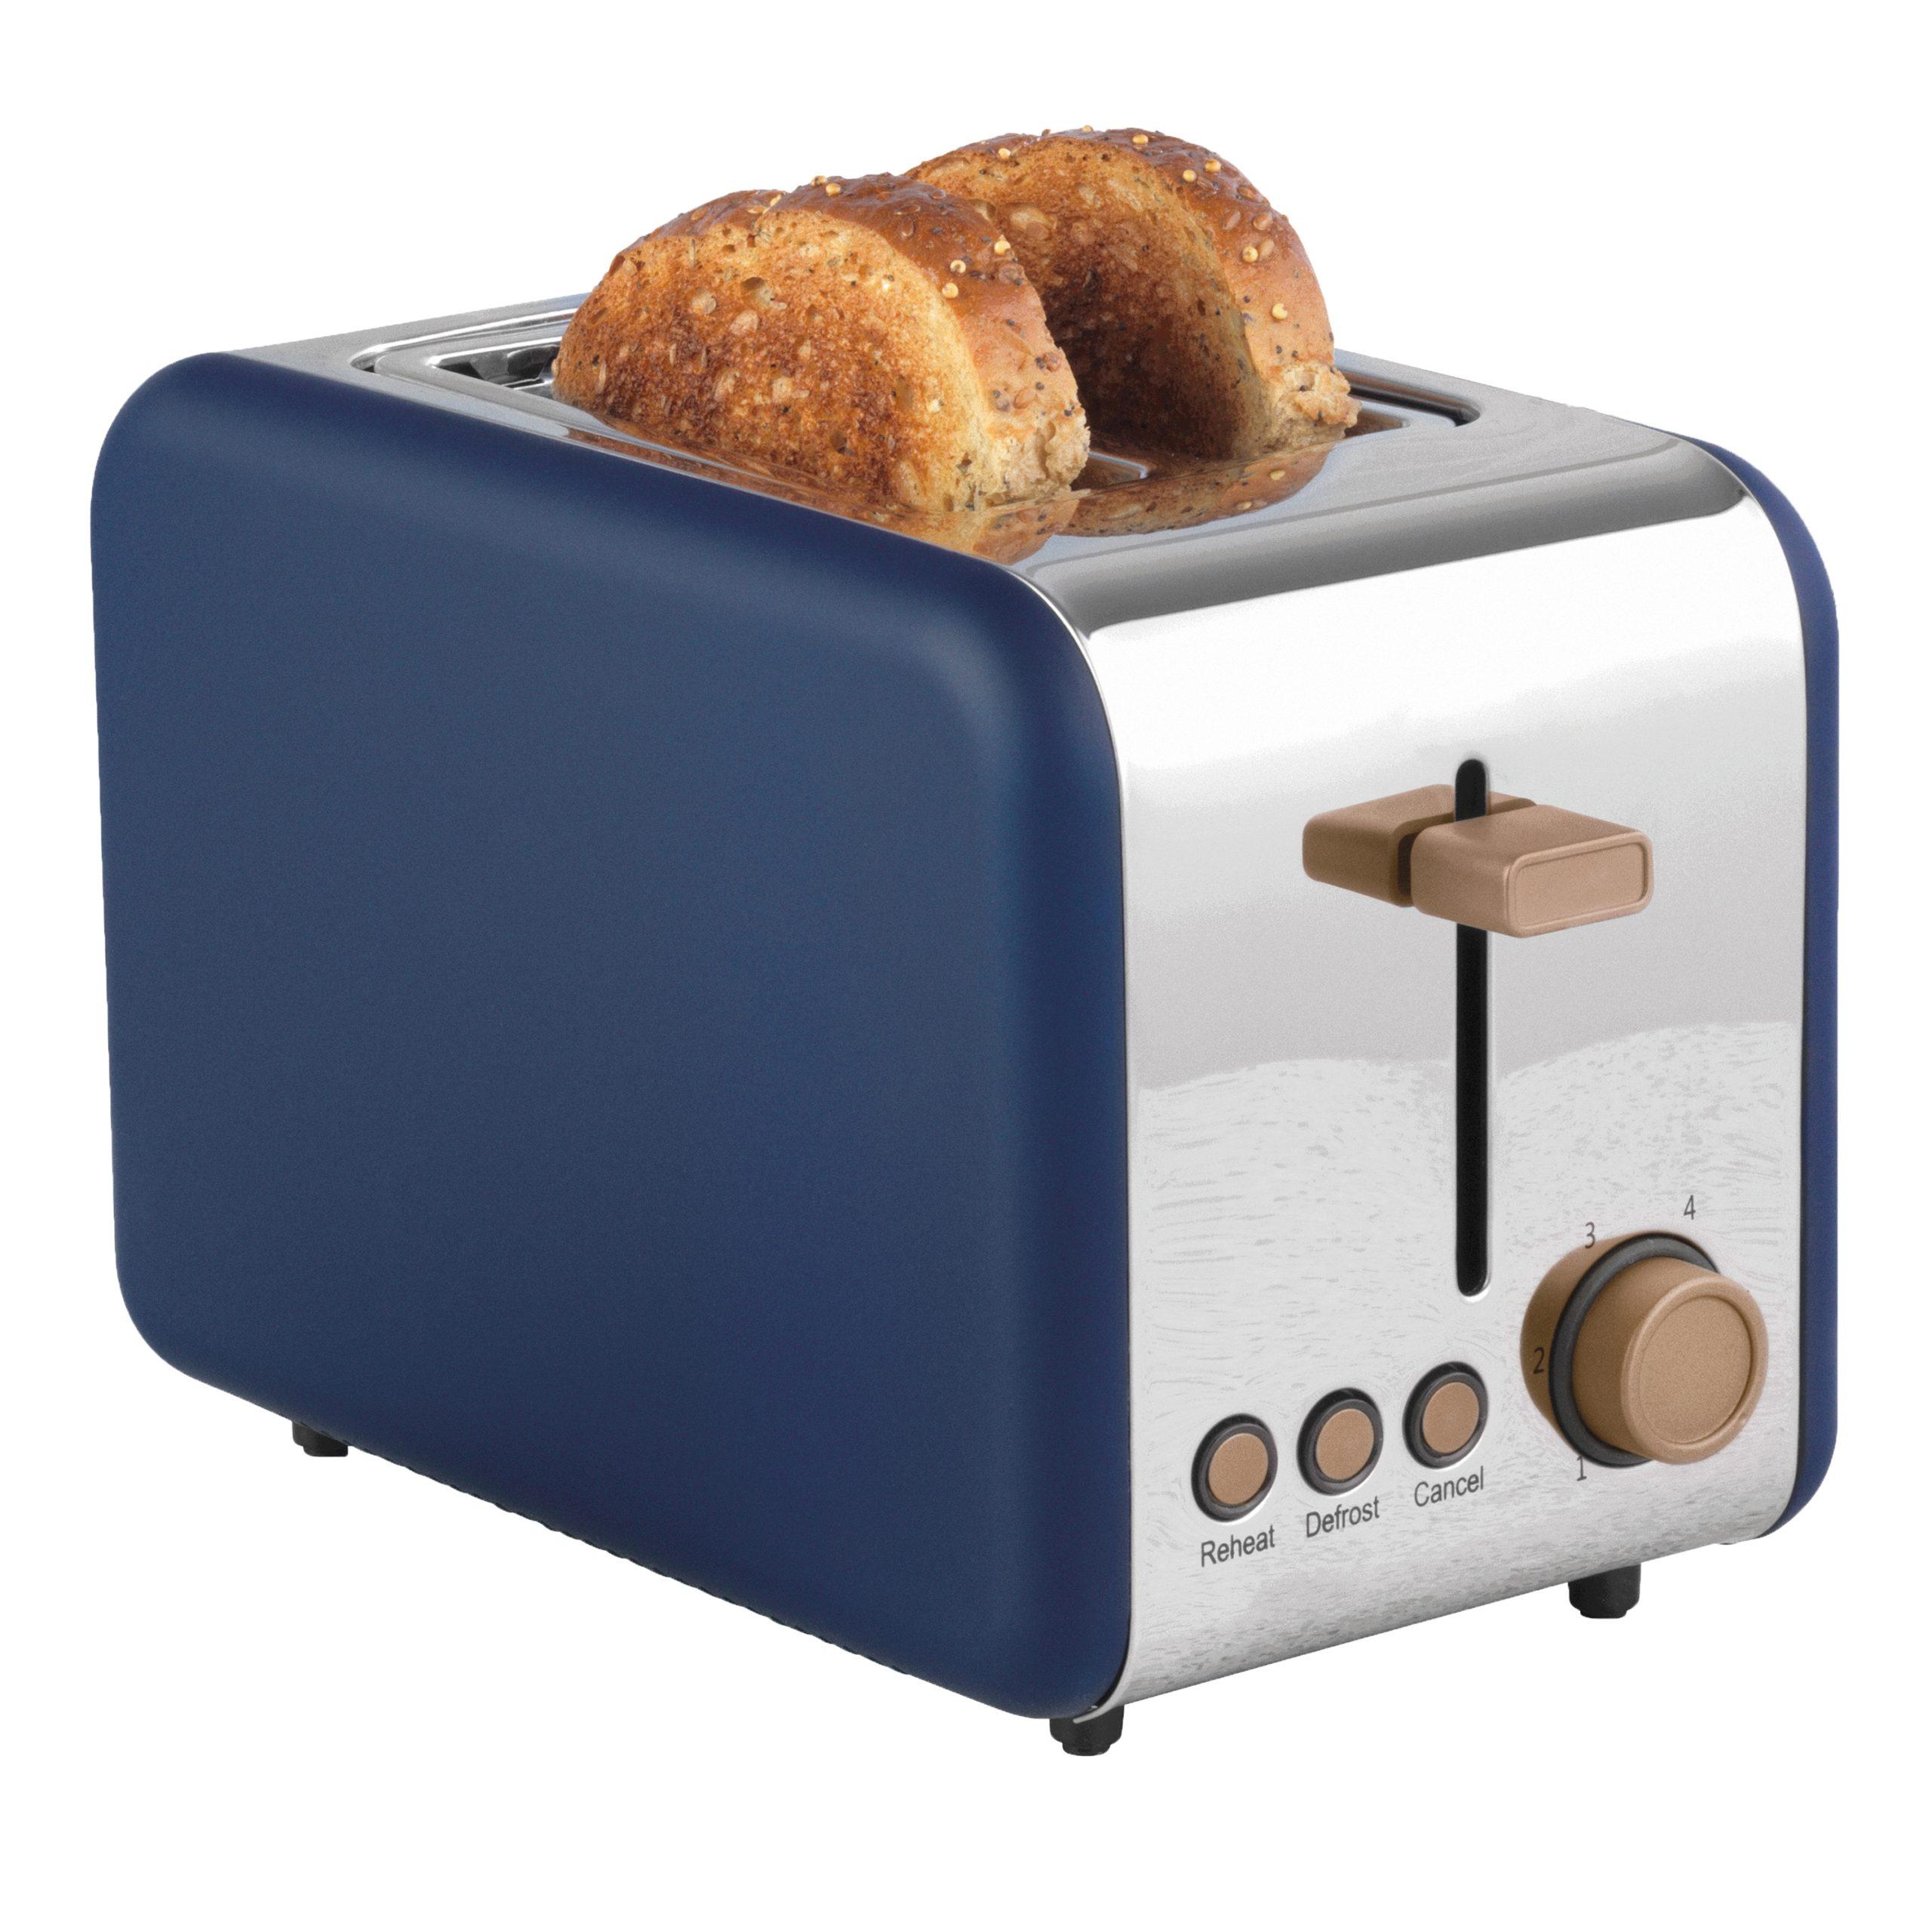 Salter EK3932IND Opulence 2-Slice Toaster